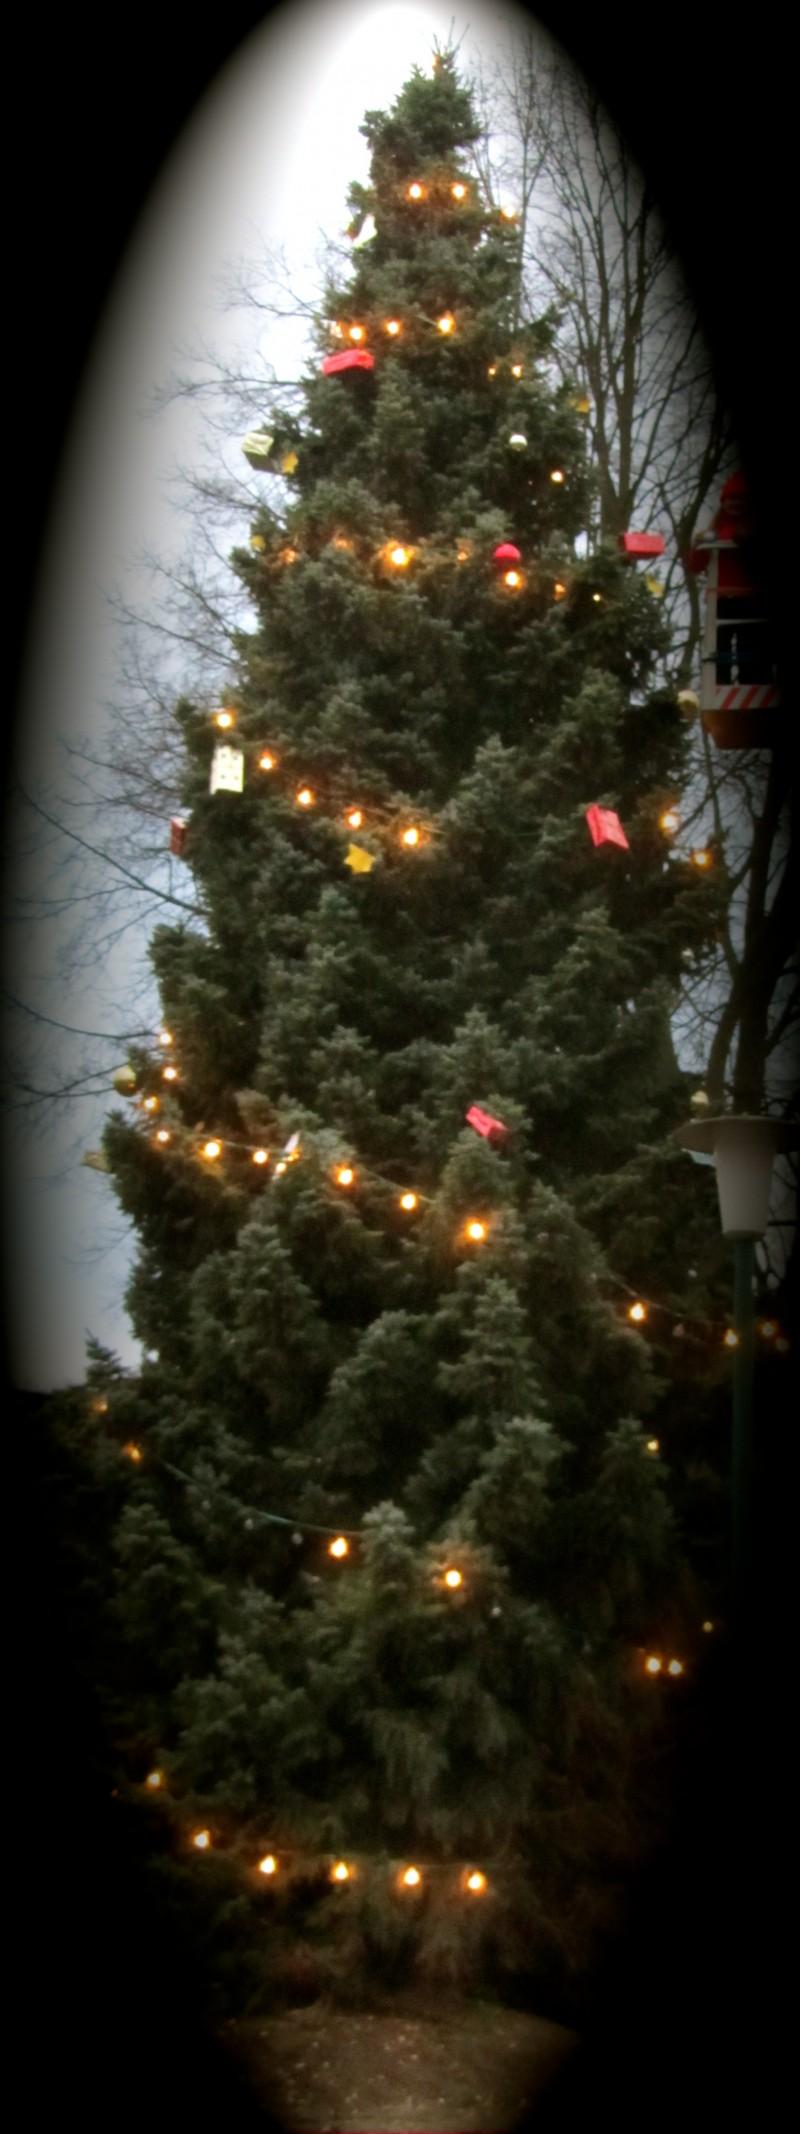 2013_12_24 Weihnacht